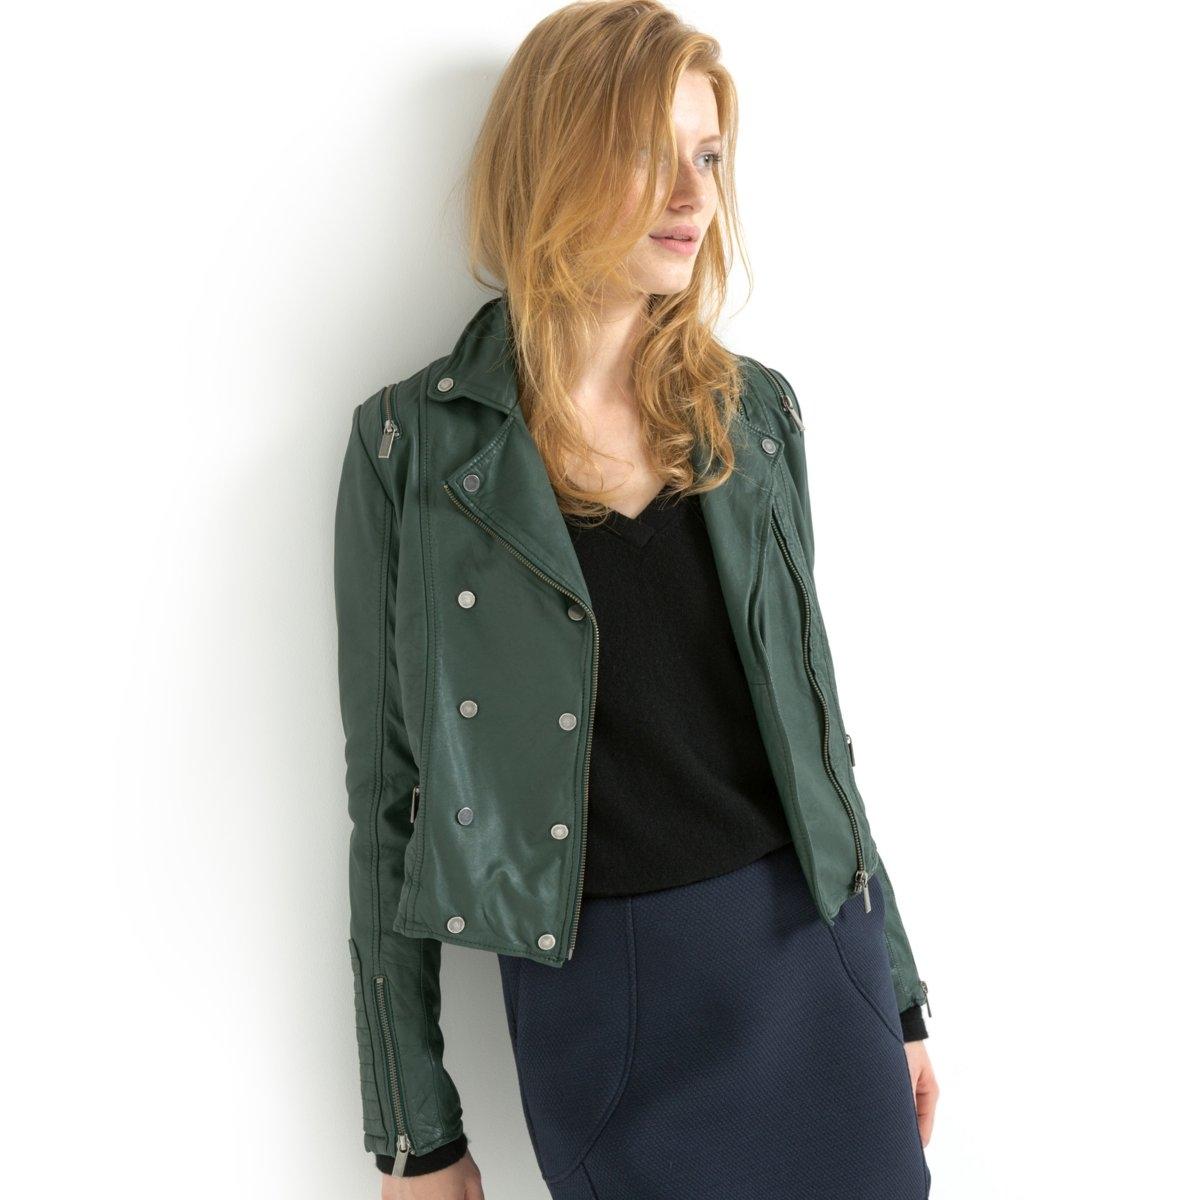 Блузон кожаныйДвойная застежка на кнопки спереди. 2 кармана по бокам.  Оригинальная застежка на молнию на плечах. Молнии внизу рукавов. Длина 54 см.<br><br>Цвет: темно-зеленый<br>Размер: 36 (FR) - 42 (RUS)